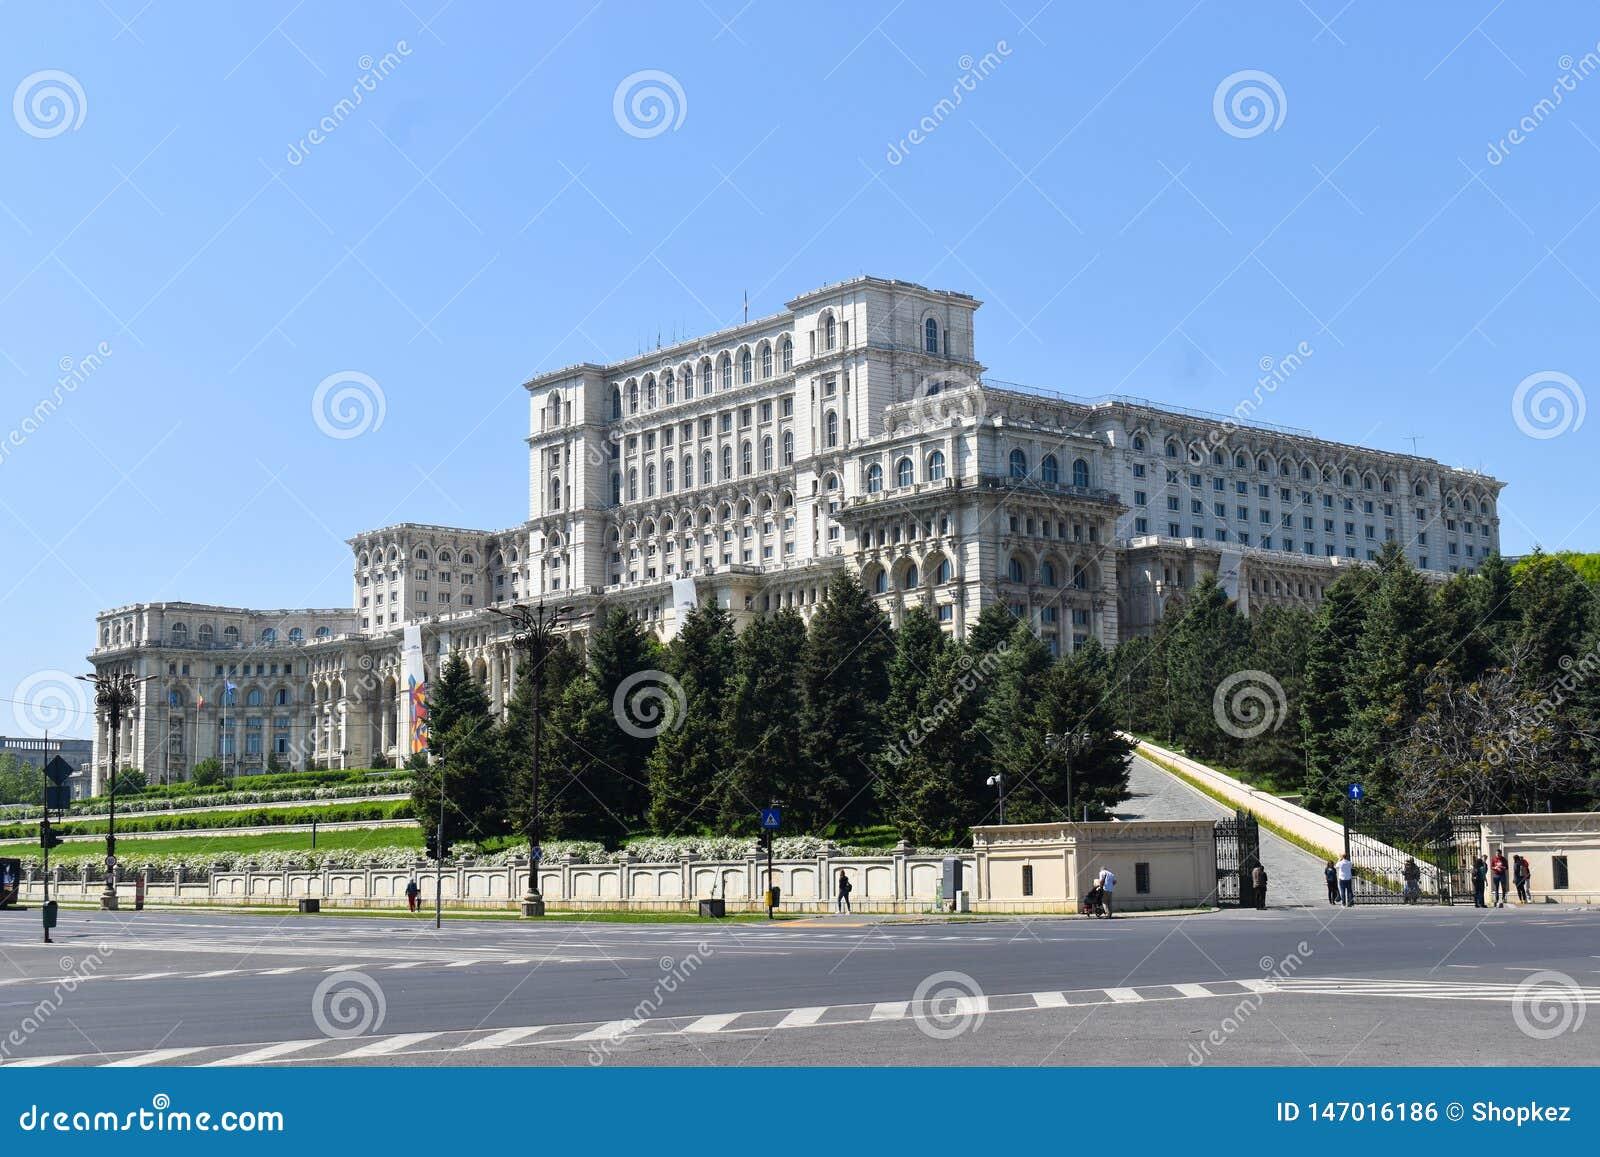 Το παλάτι του σπιτιού του Κοινοβουλίου ή των ανθρώπων, Βουκουρέστι, Ρουμανία Άποψη νύχτας από το κεντρικό τετράγωνο Το παλάτι ήτα